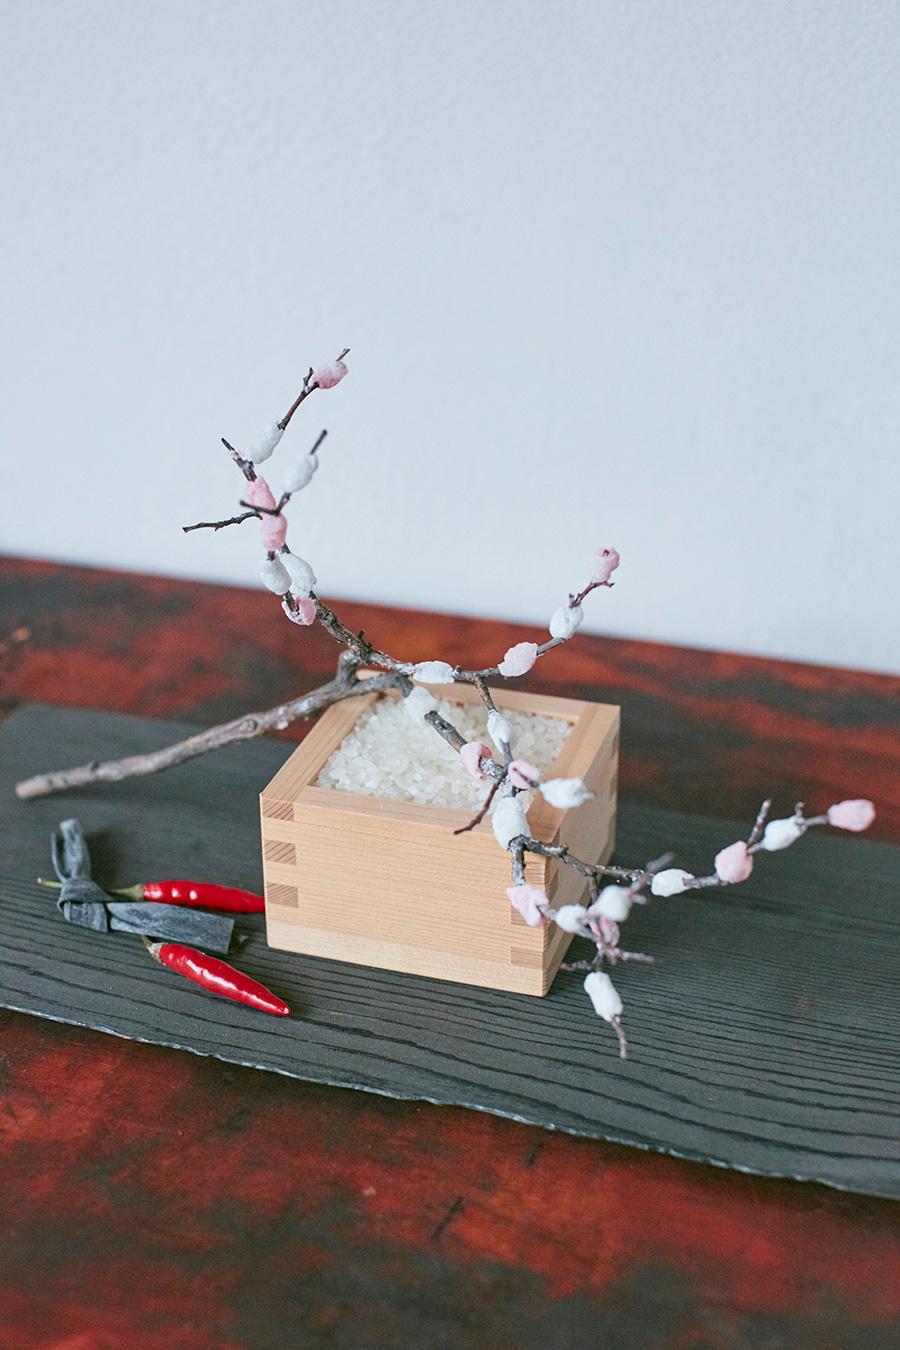 枡に米を入れて餅花と一緒に飾る。昆布と、赤い唐辛子を添えて。「唐辛子は冬の料理に重宝される食材です。魔除けの効果もあると言われています」